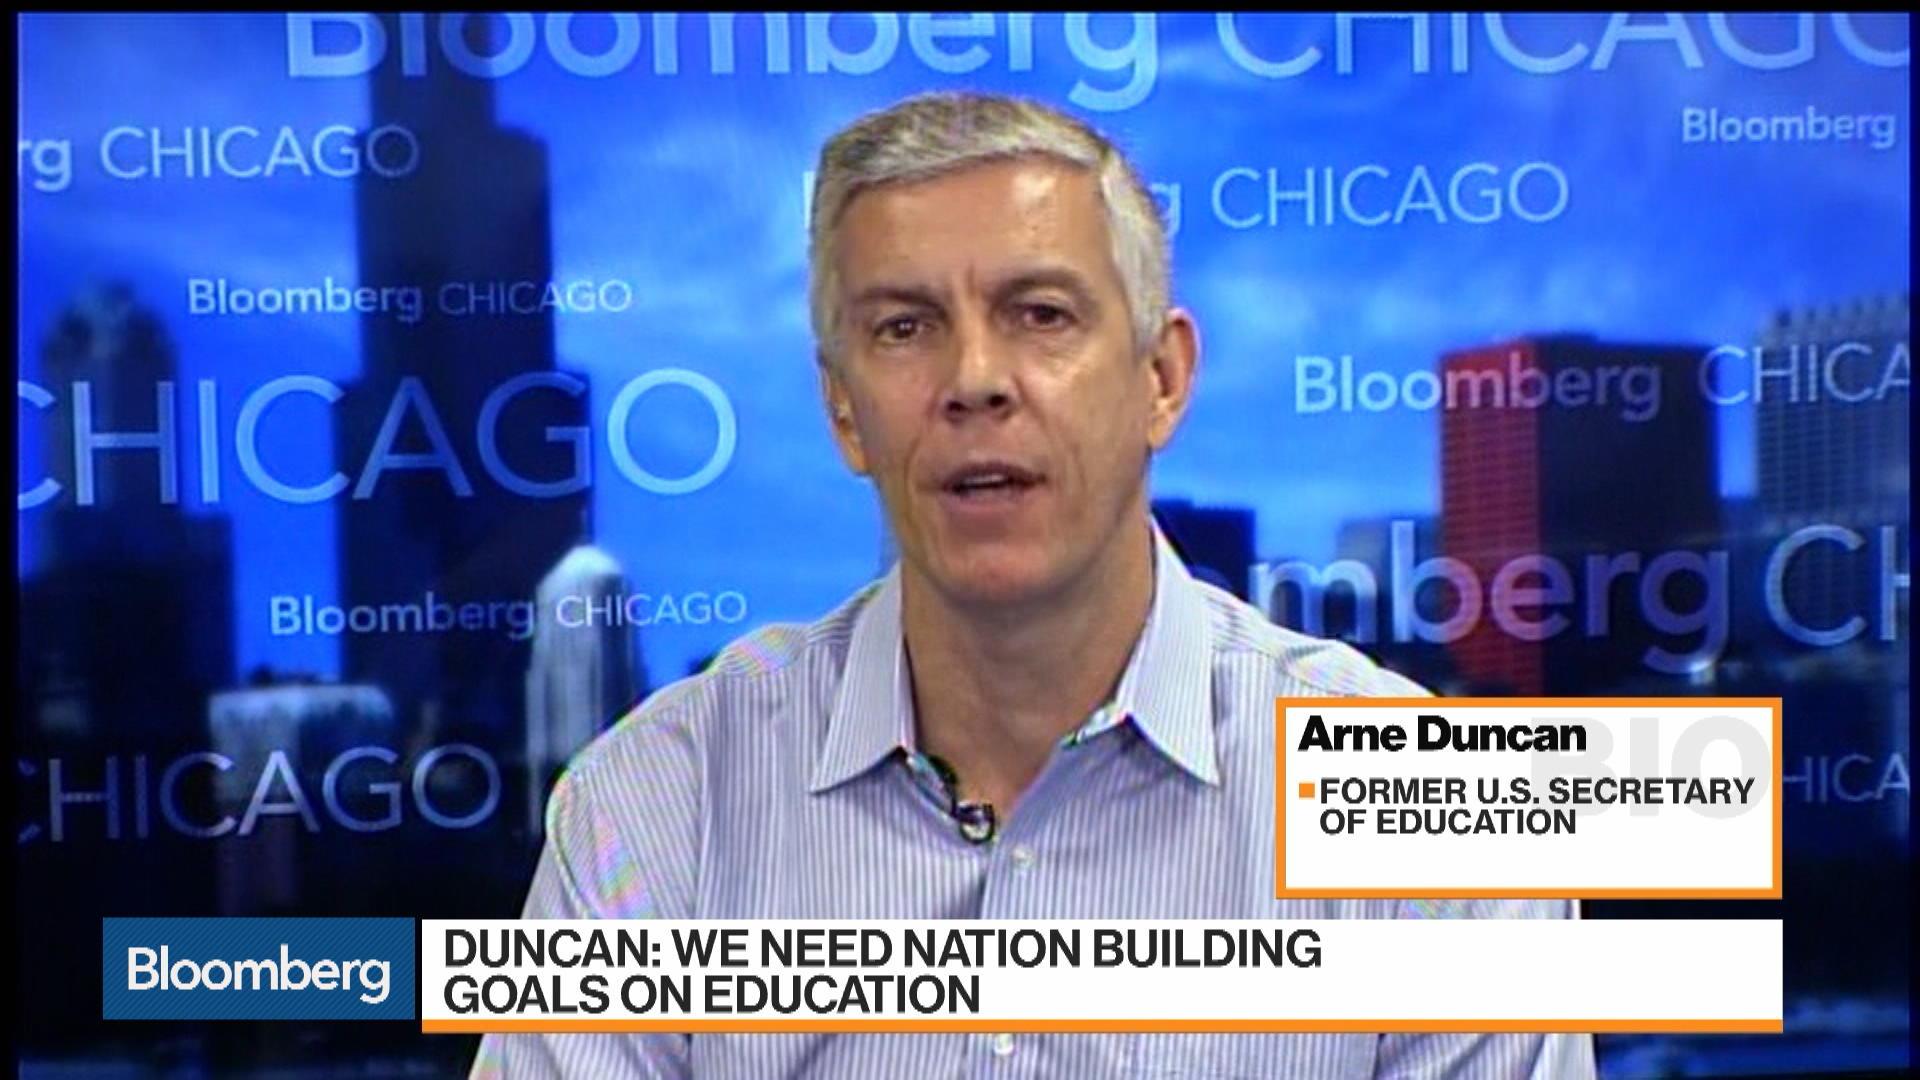 Education System Needs Fundamental Changes: Arne Duncan